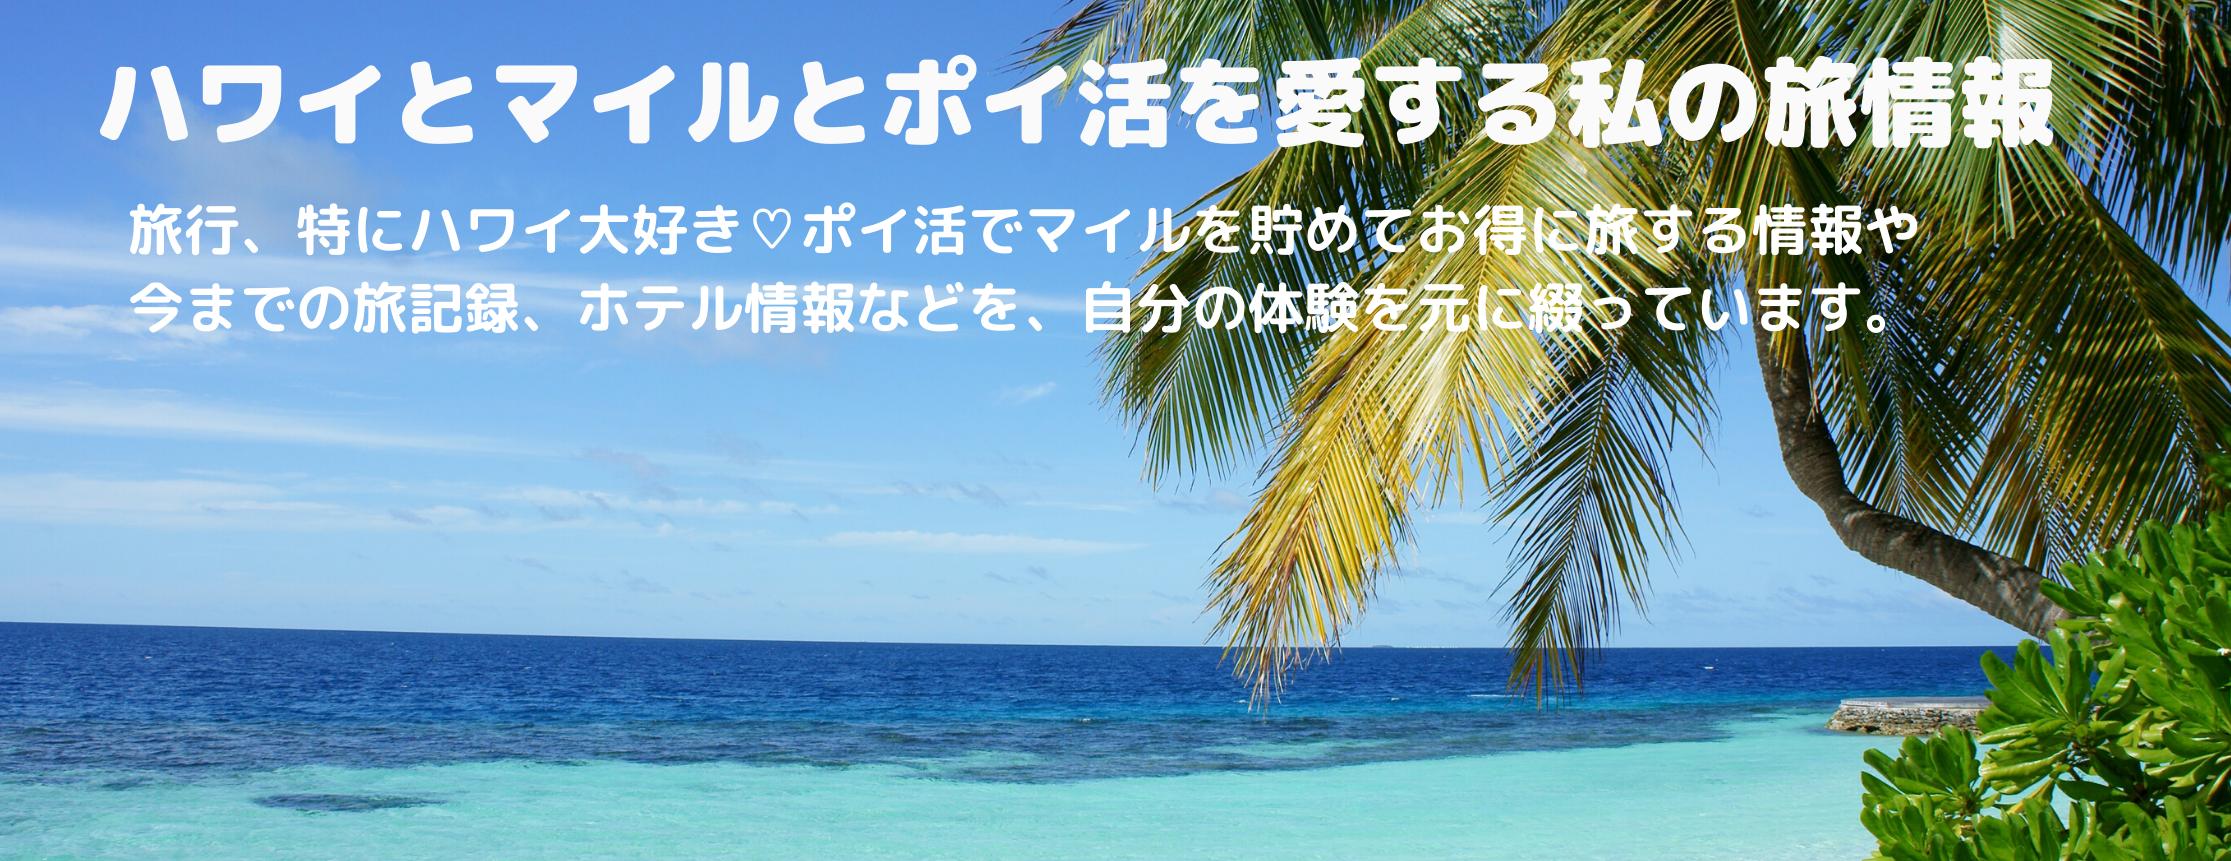 ハワイとマイルとポイ活を愛する私の旅情報